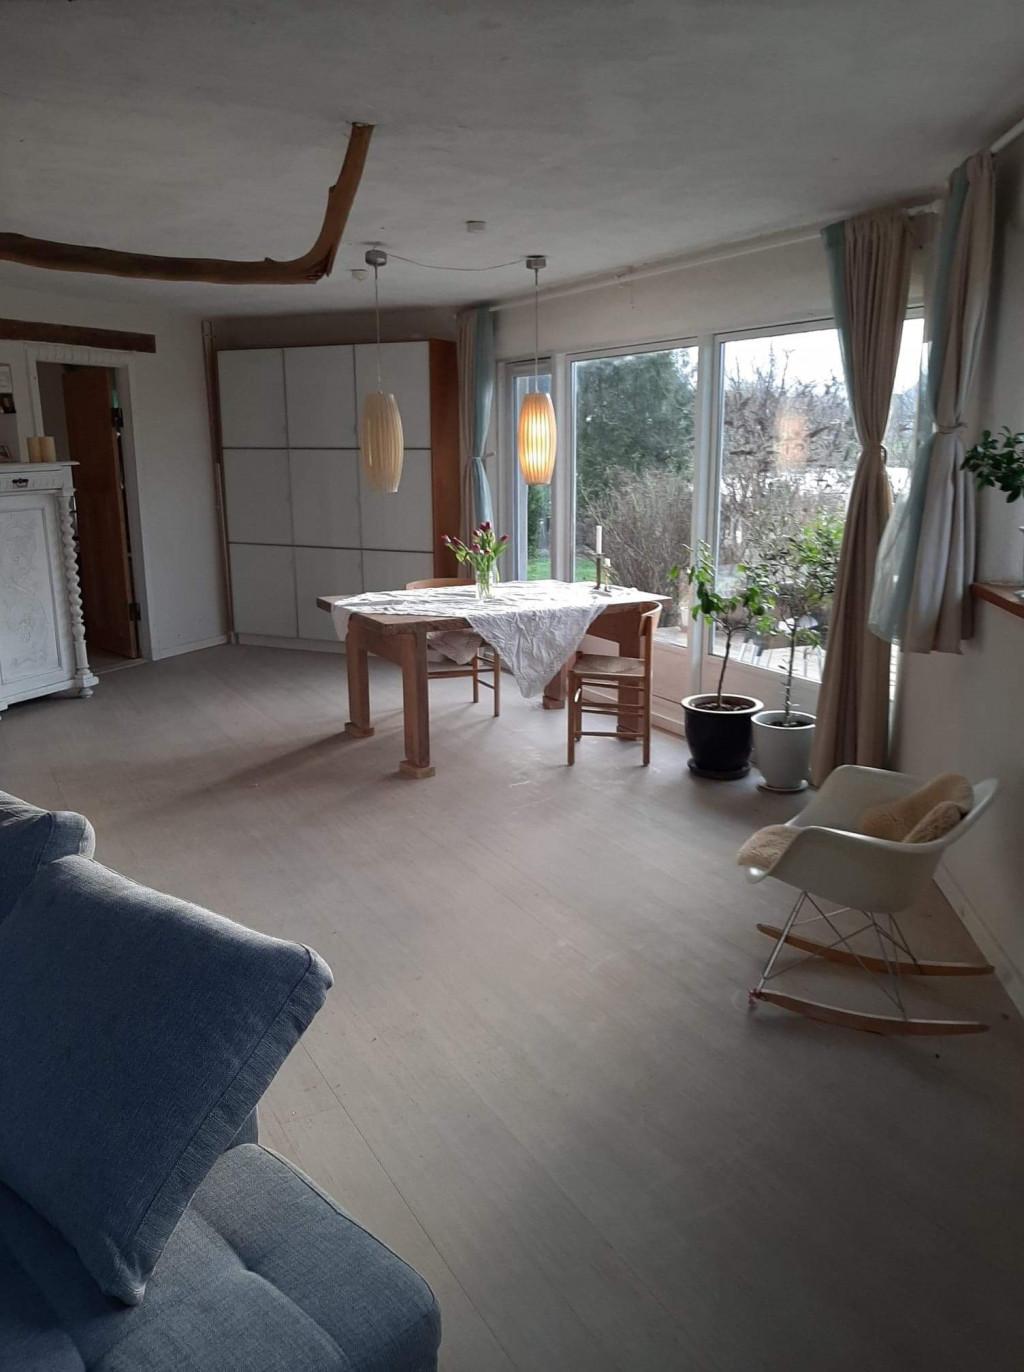 Unik villa til salg i Økolandsbyen Hallingelille - Husfoto4_7c197b280c05ec17863f10aeb2a72875